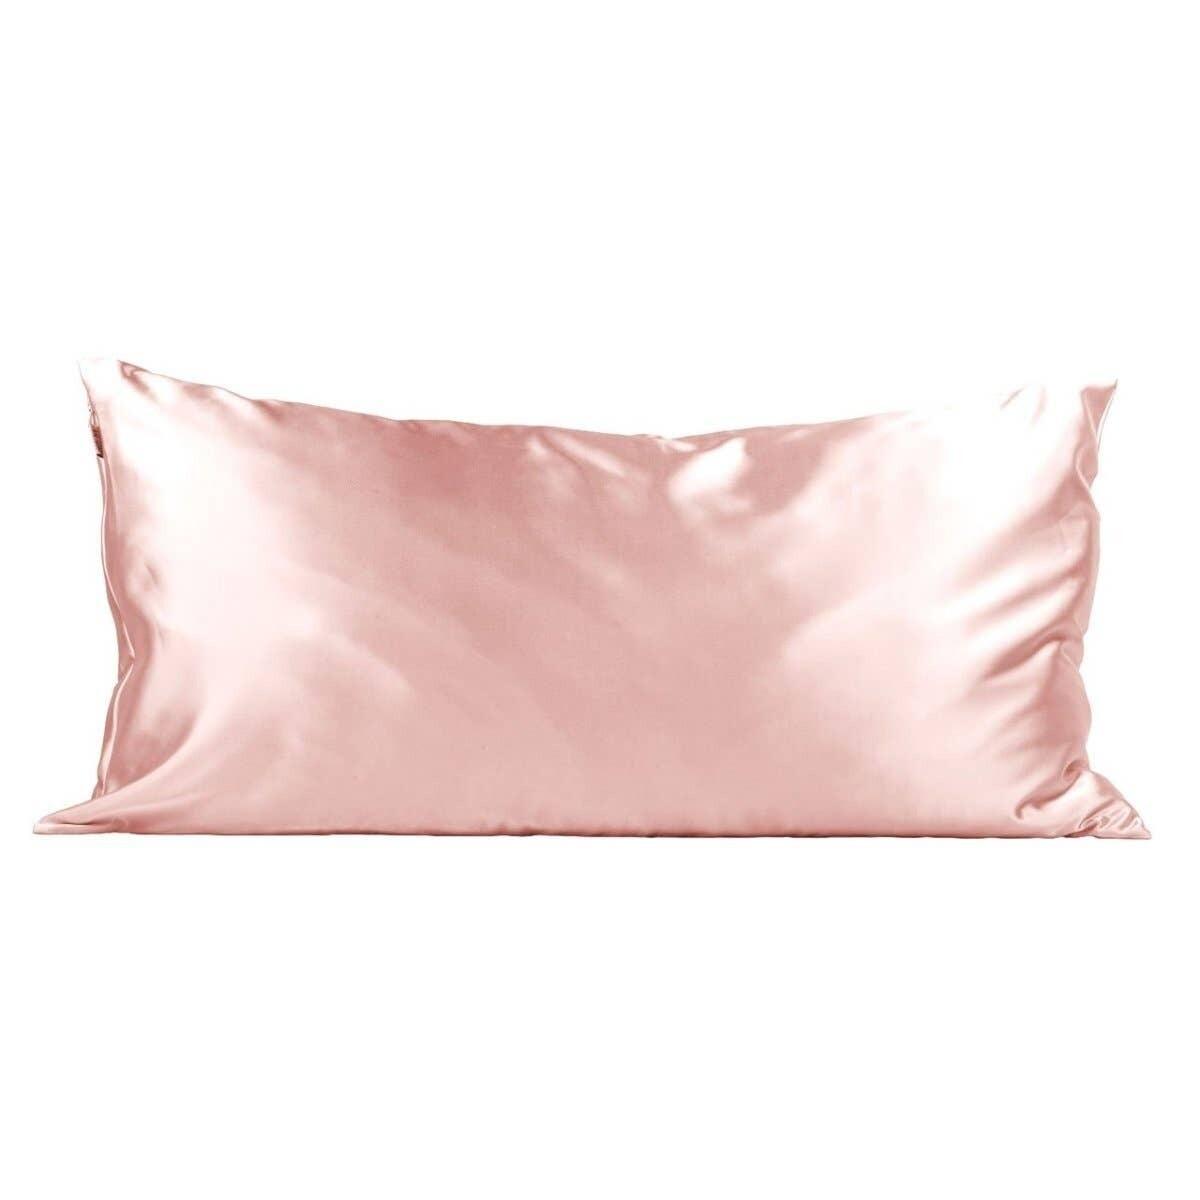 King Satin Pillowcase- Blush